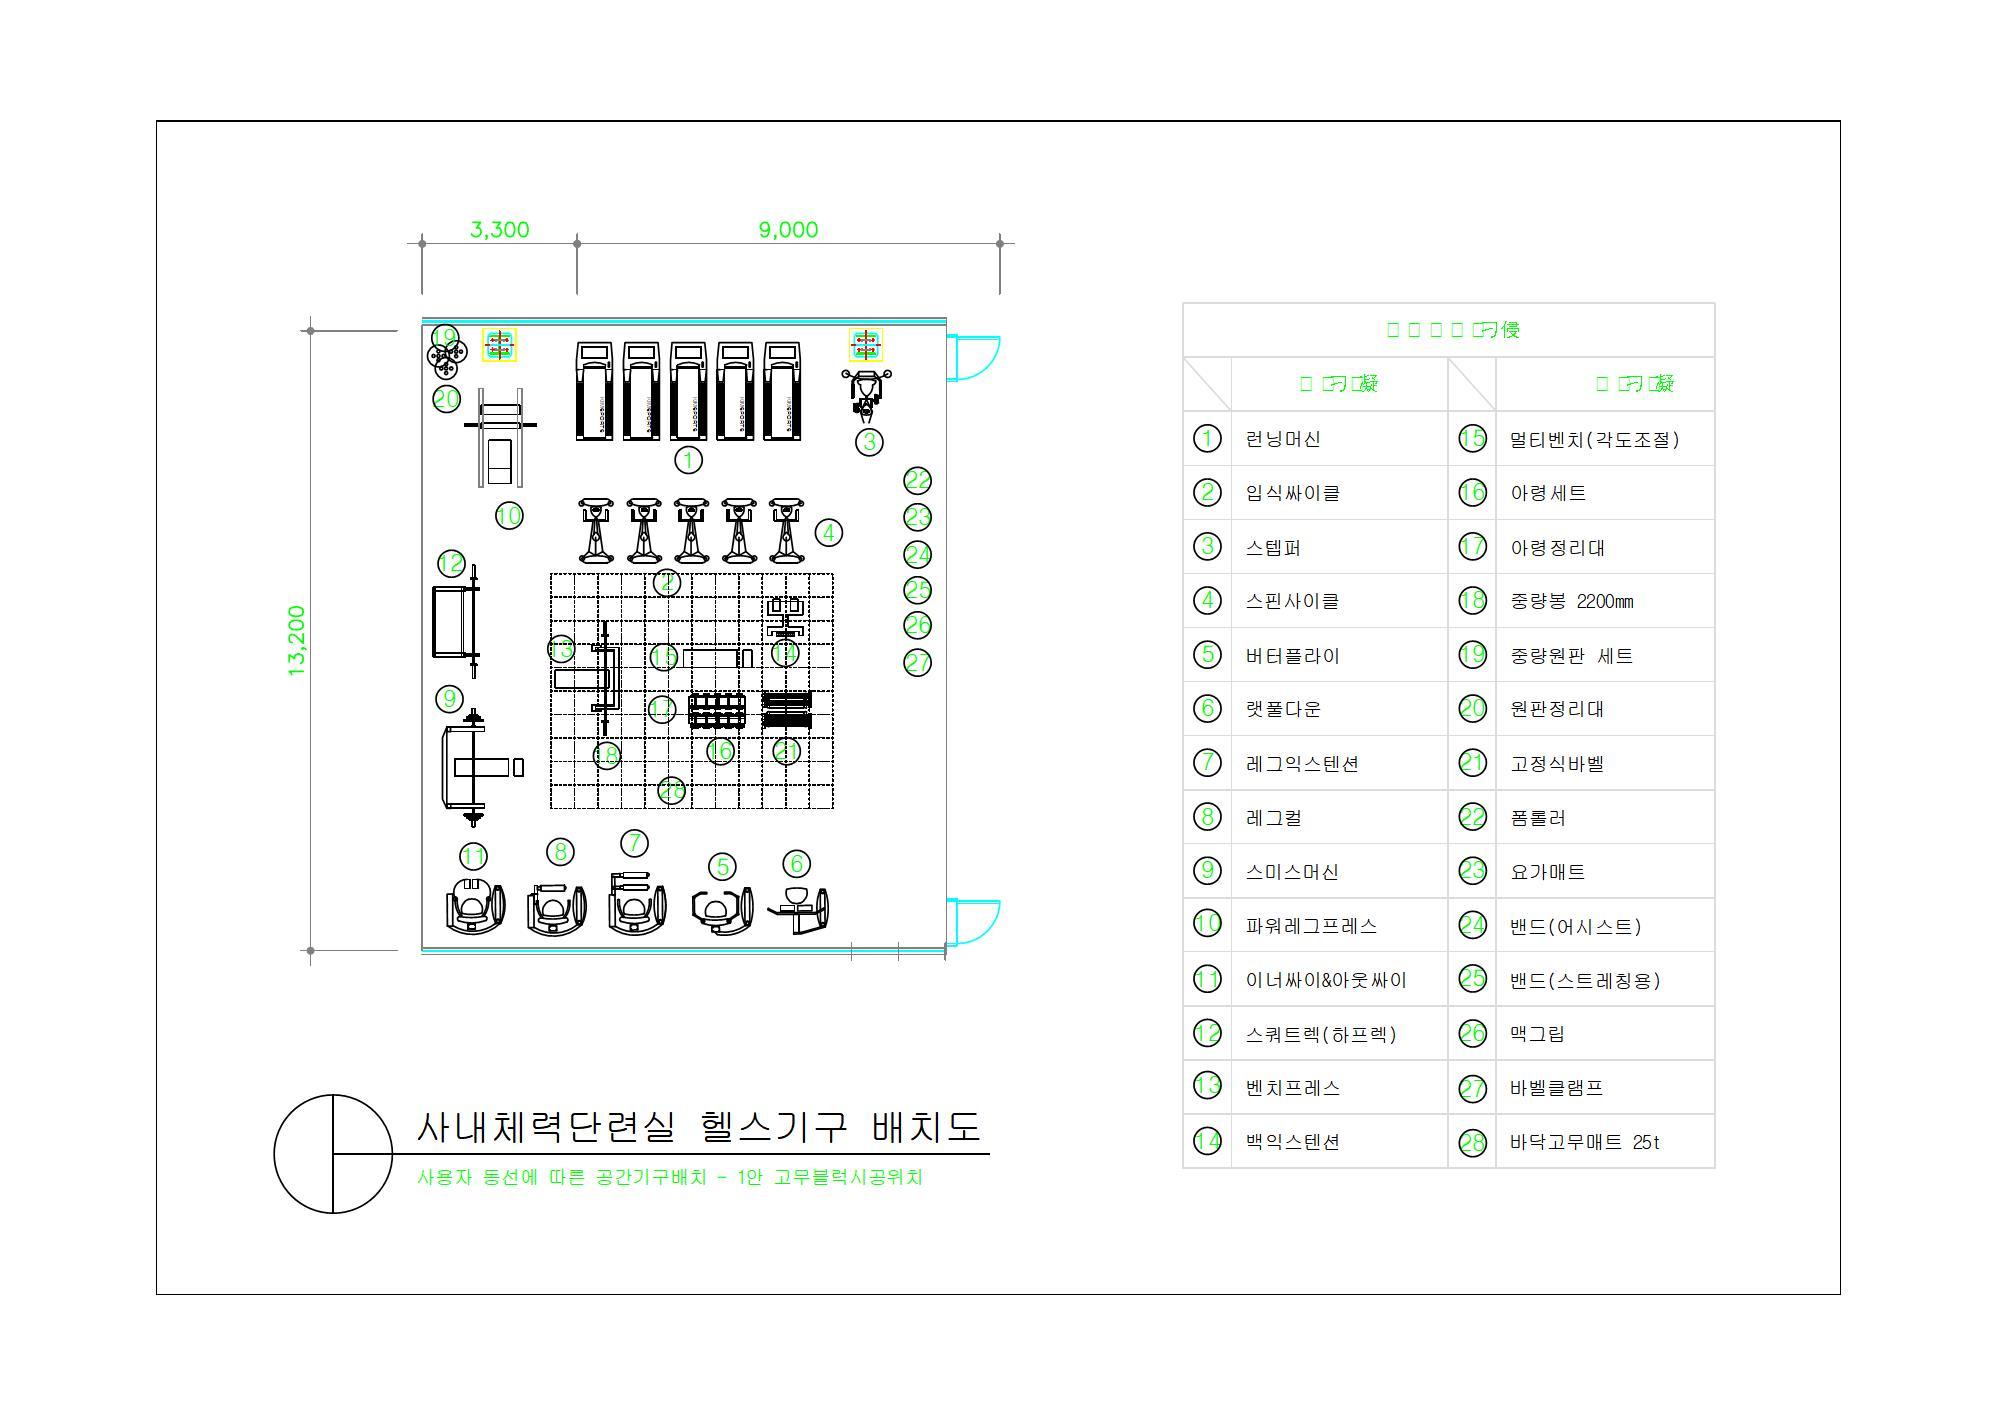 킴스포츠-헬스기구배치도-Model-1안(고무블럭)_1.jpg